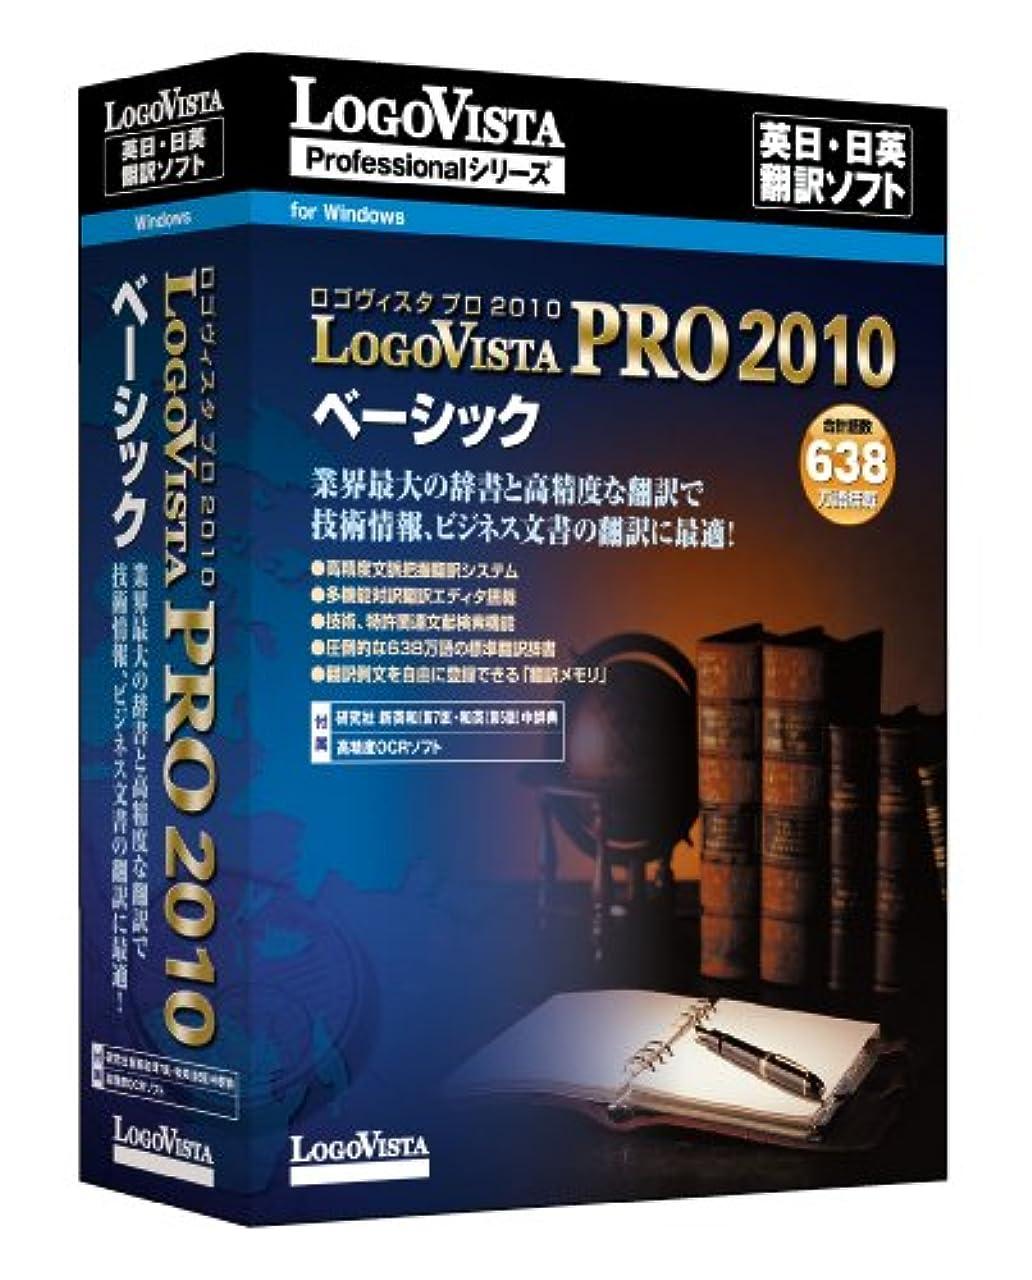 飢え厚くする運搬LogoVista PRO 2010 ベーシック